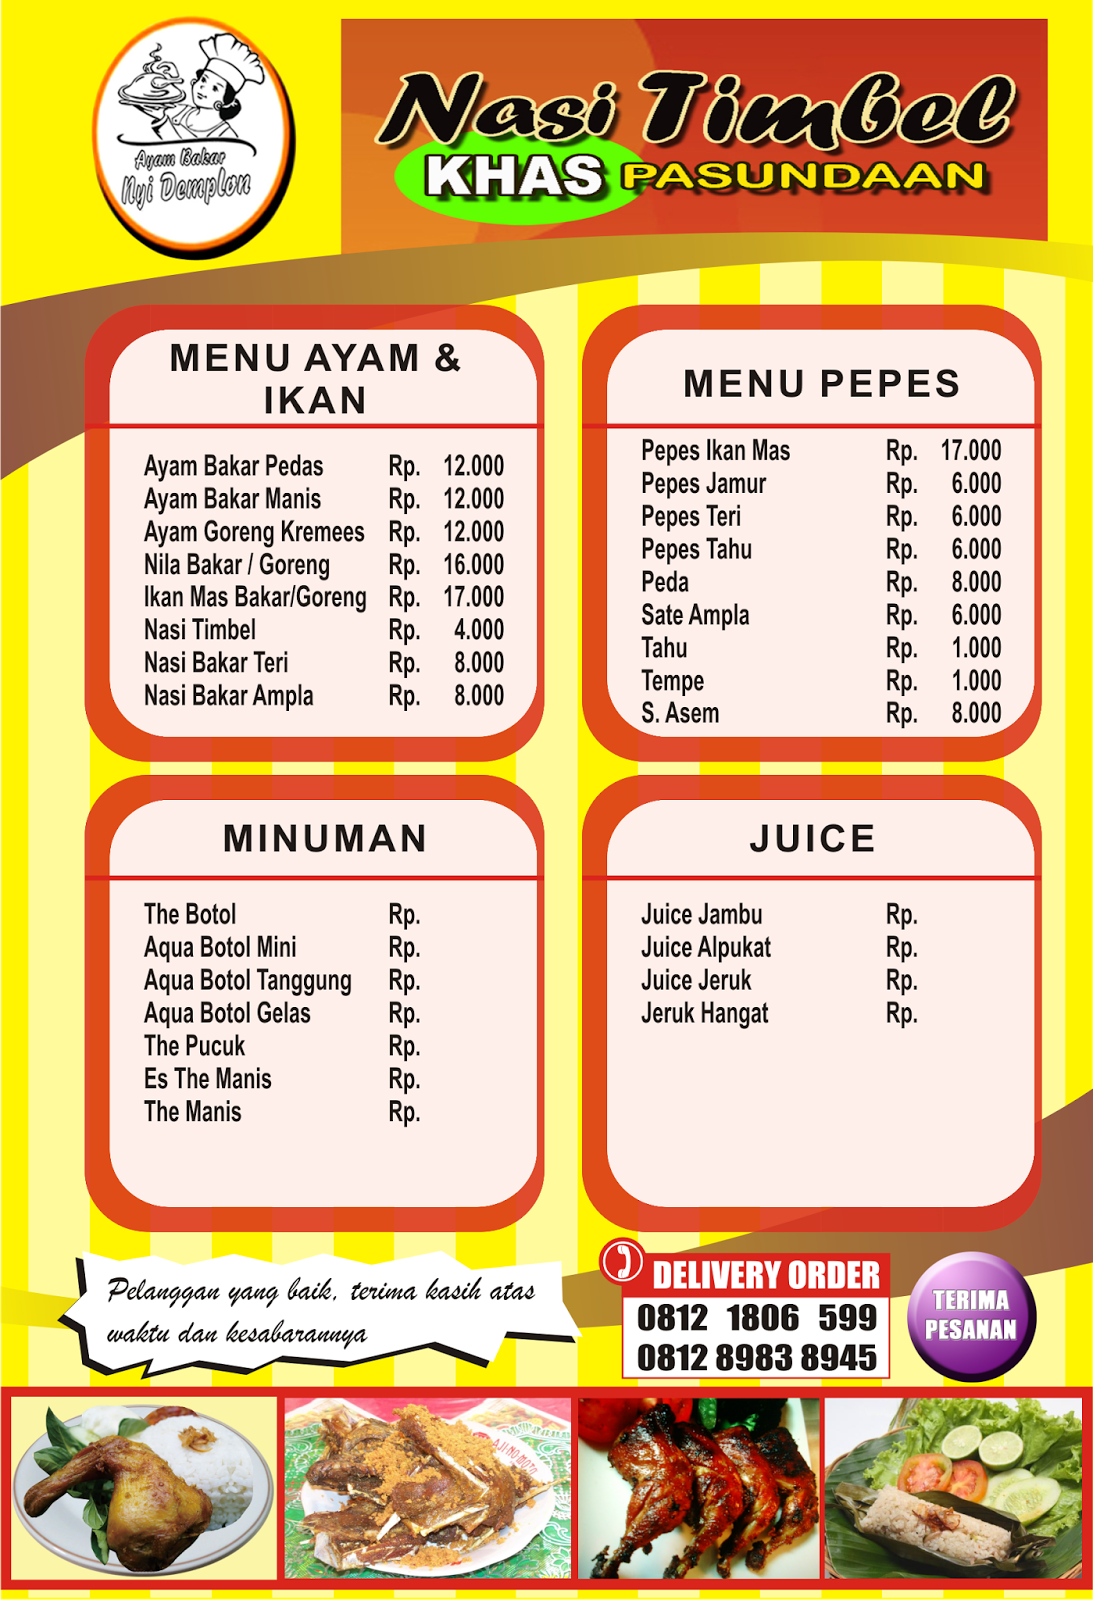 Contoh Desain Daftar Menu Makanan Dan Minuman Desainer